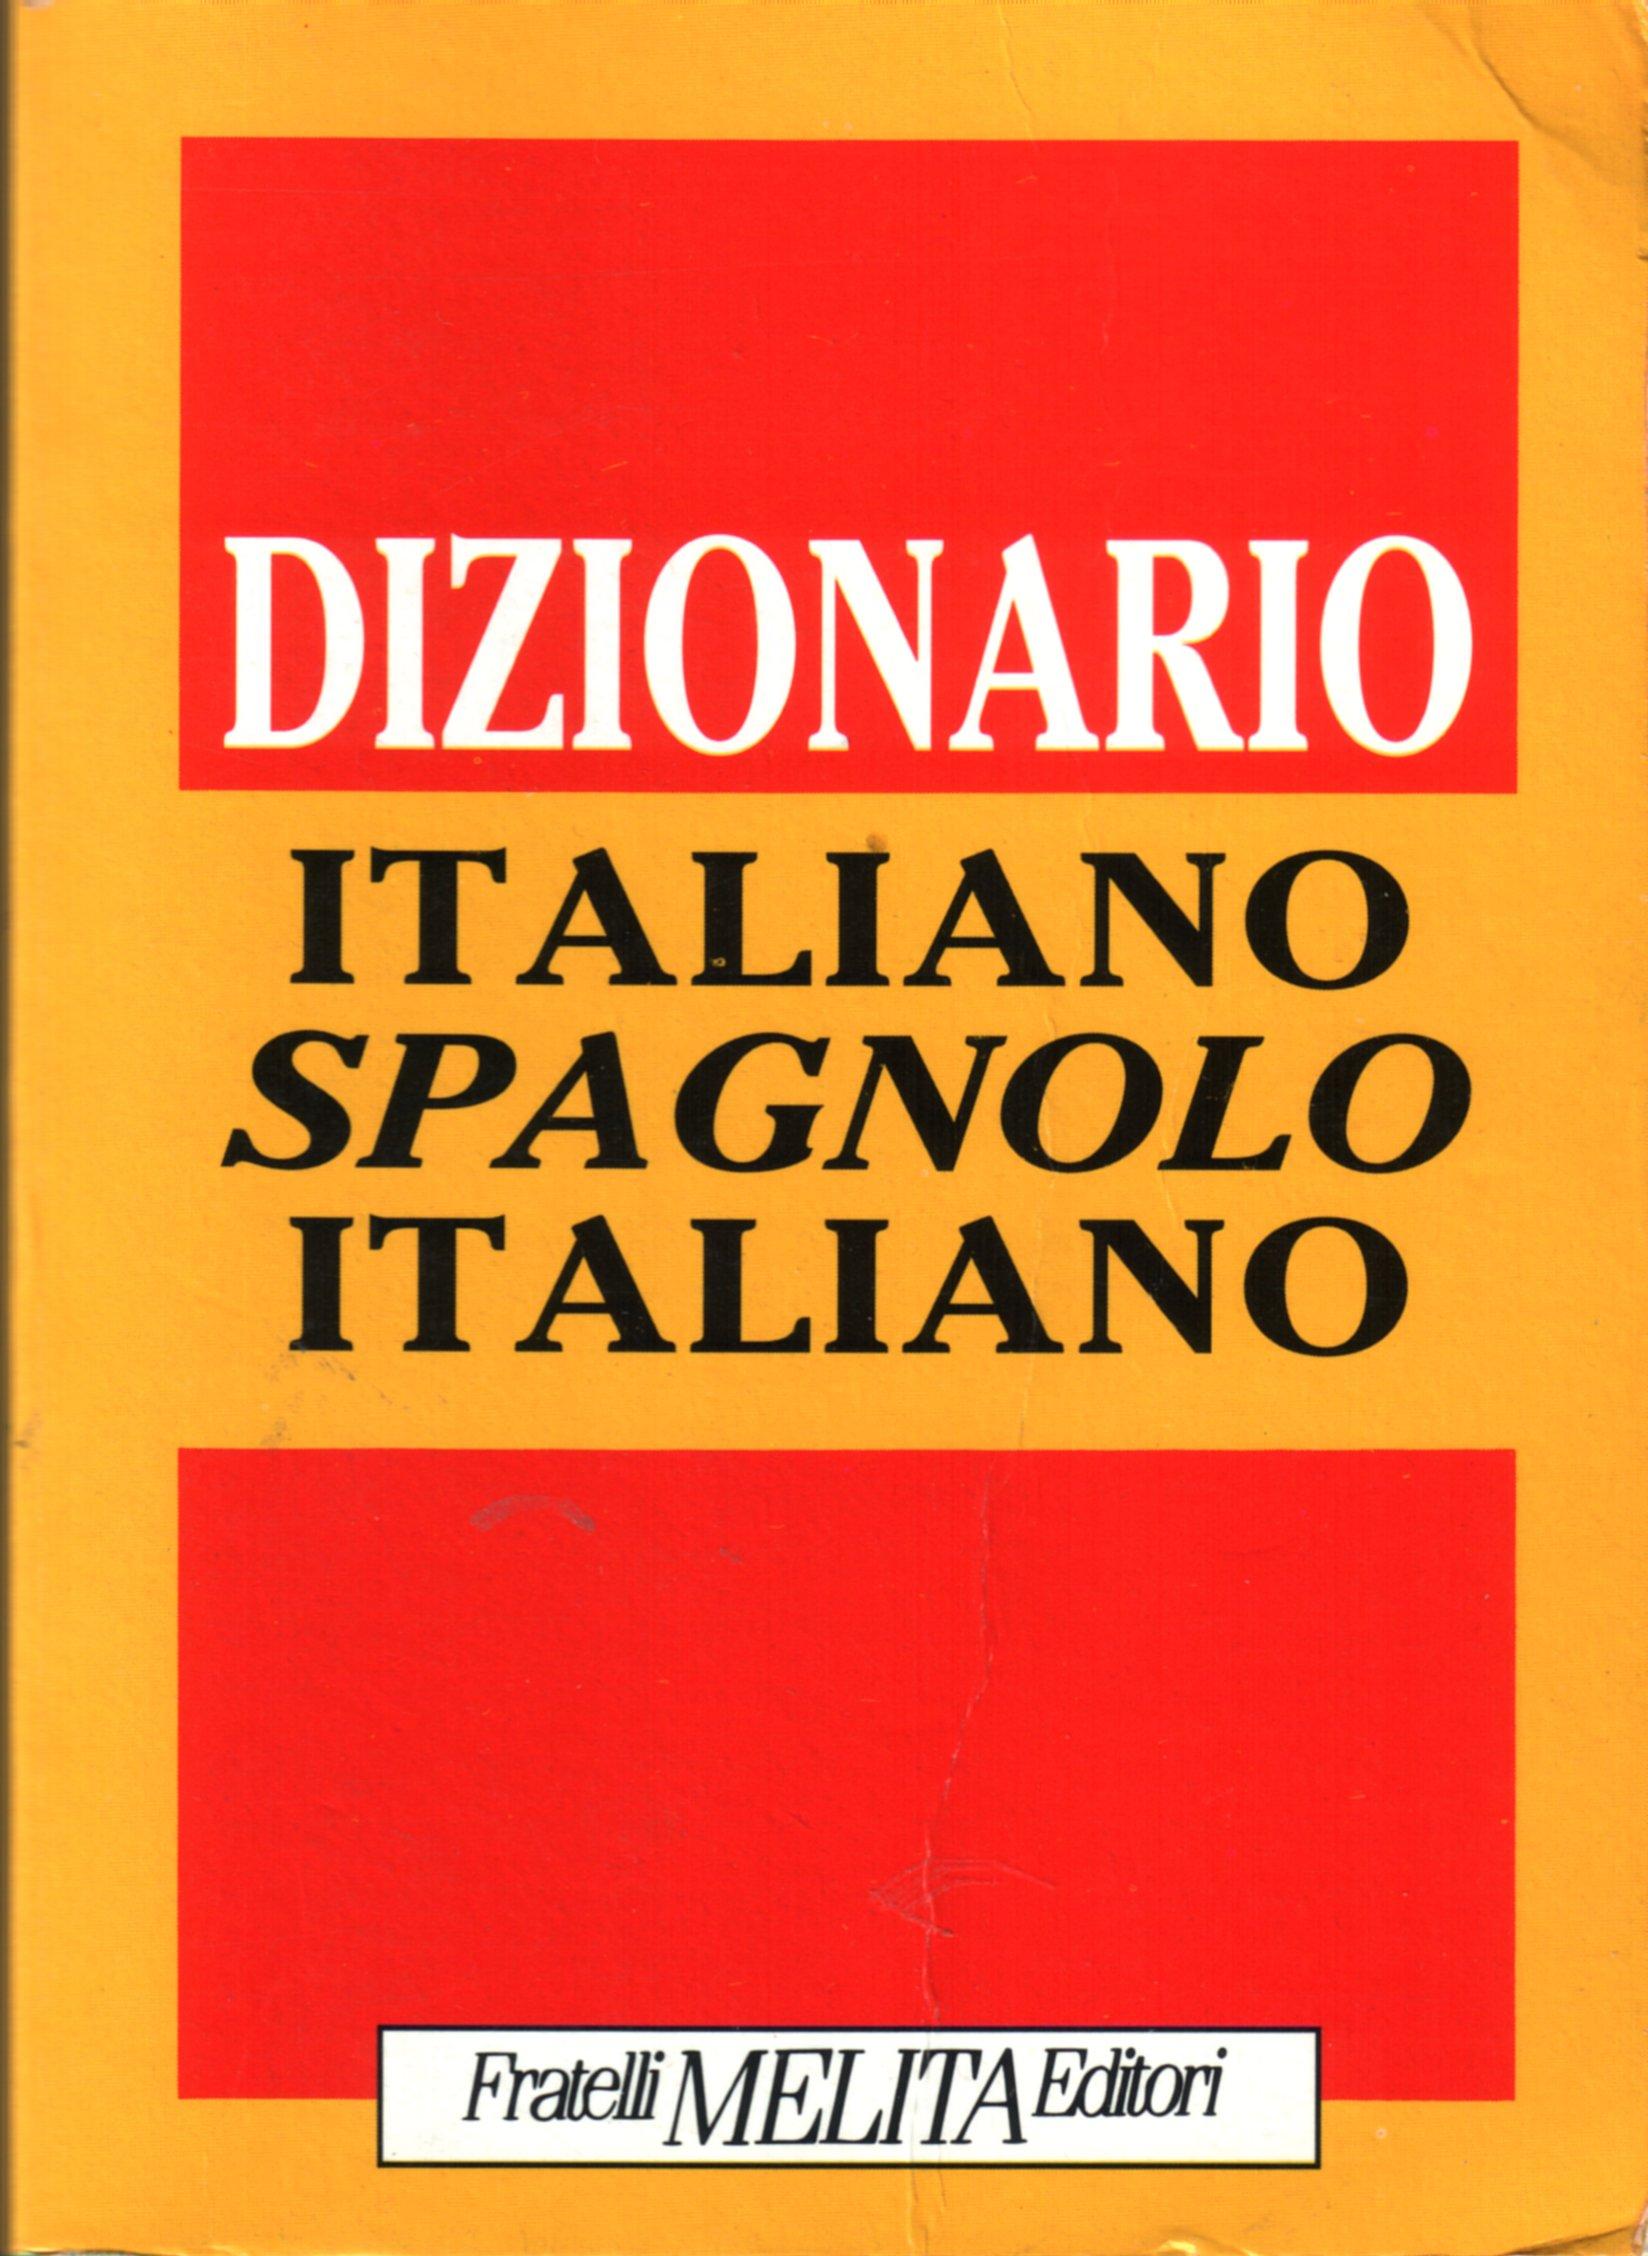 Dizionario Italiano-Spagnolo-Italiano